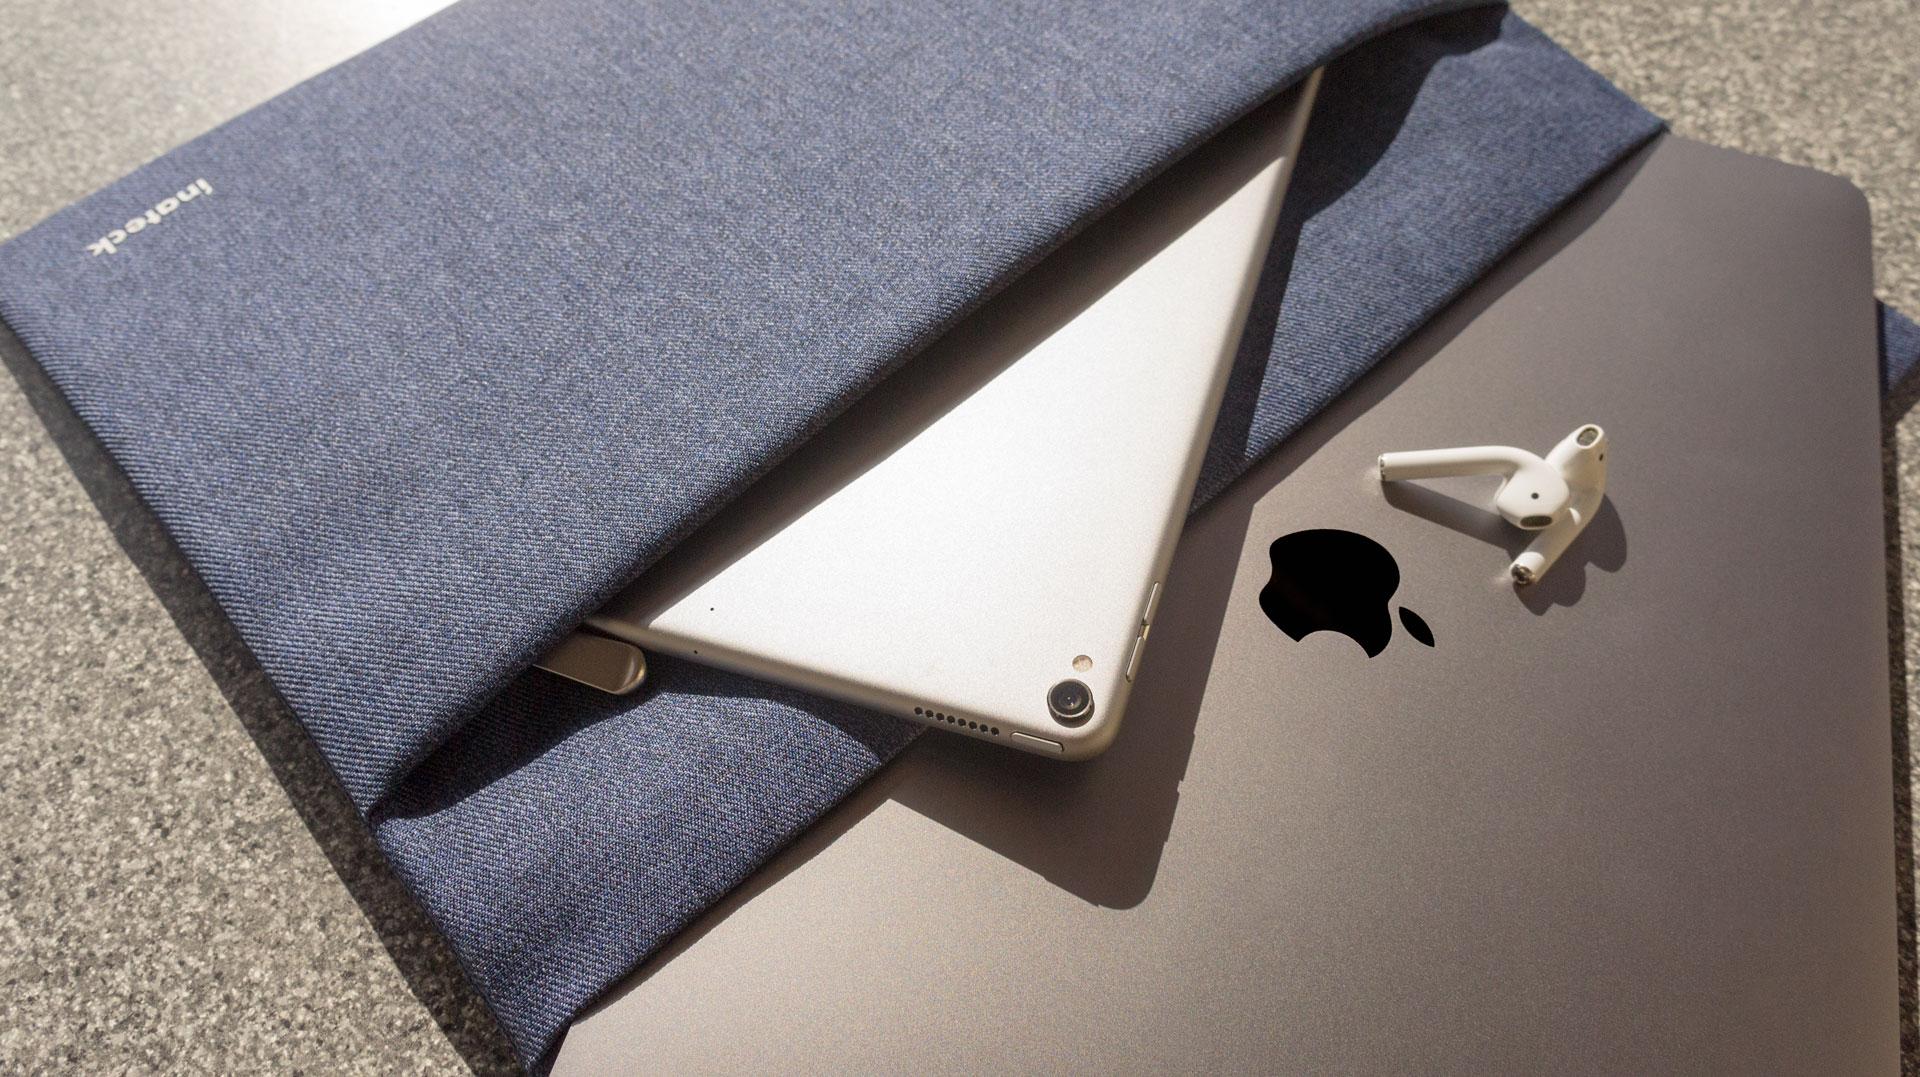 2 Zusätzliche Fächer sorgen für mehr Stauraum, Inateck MacBook Tasche Review auf Hack4Life von Fabian Geissler